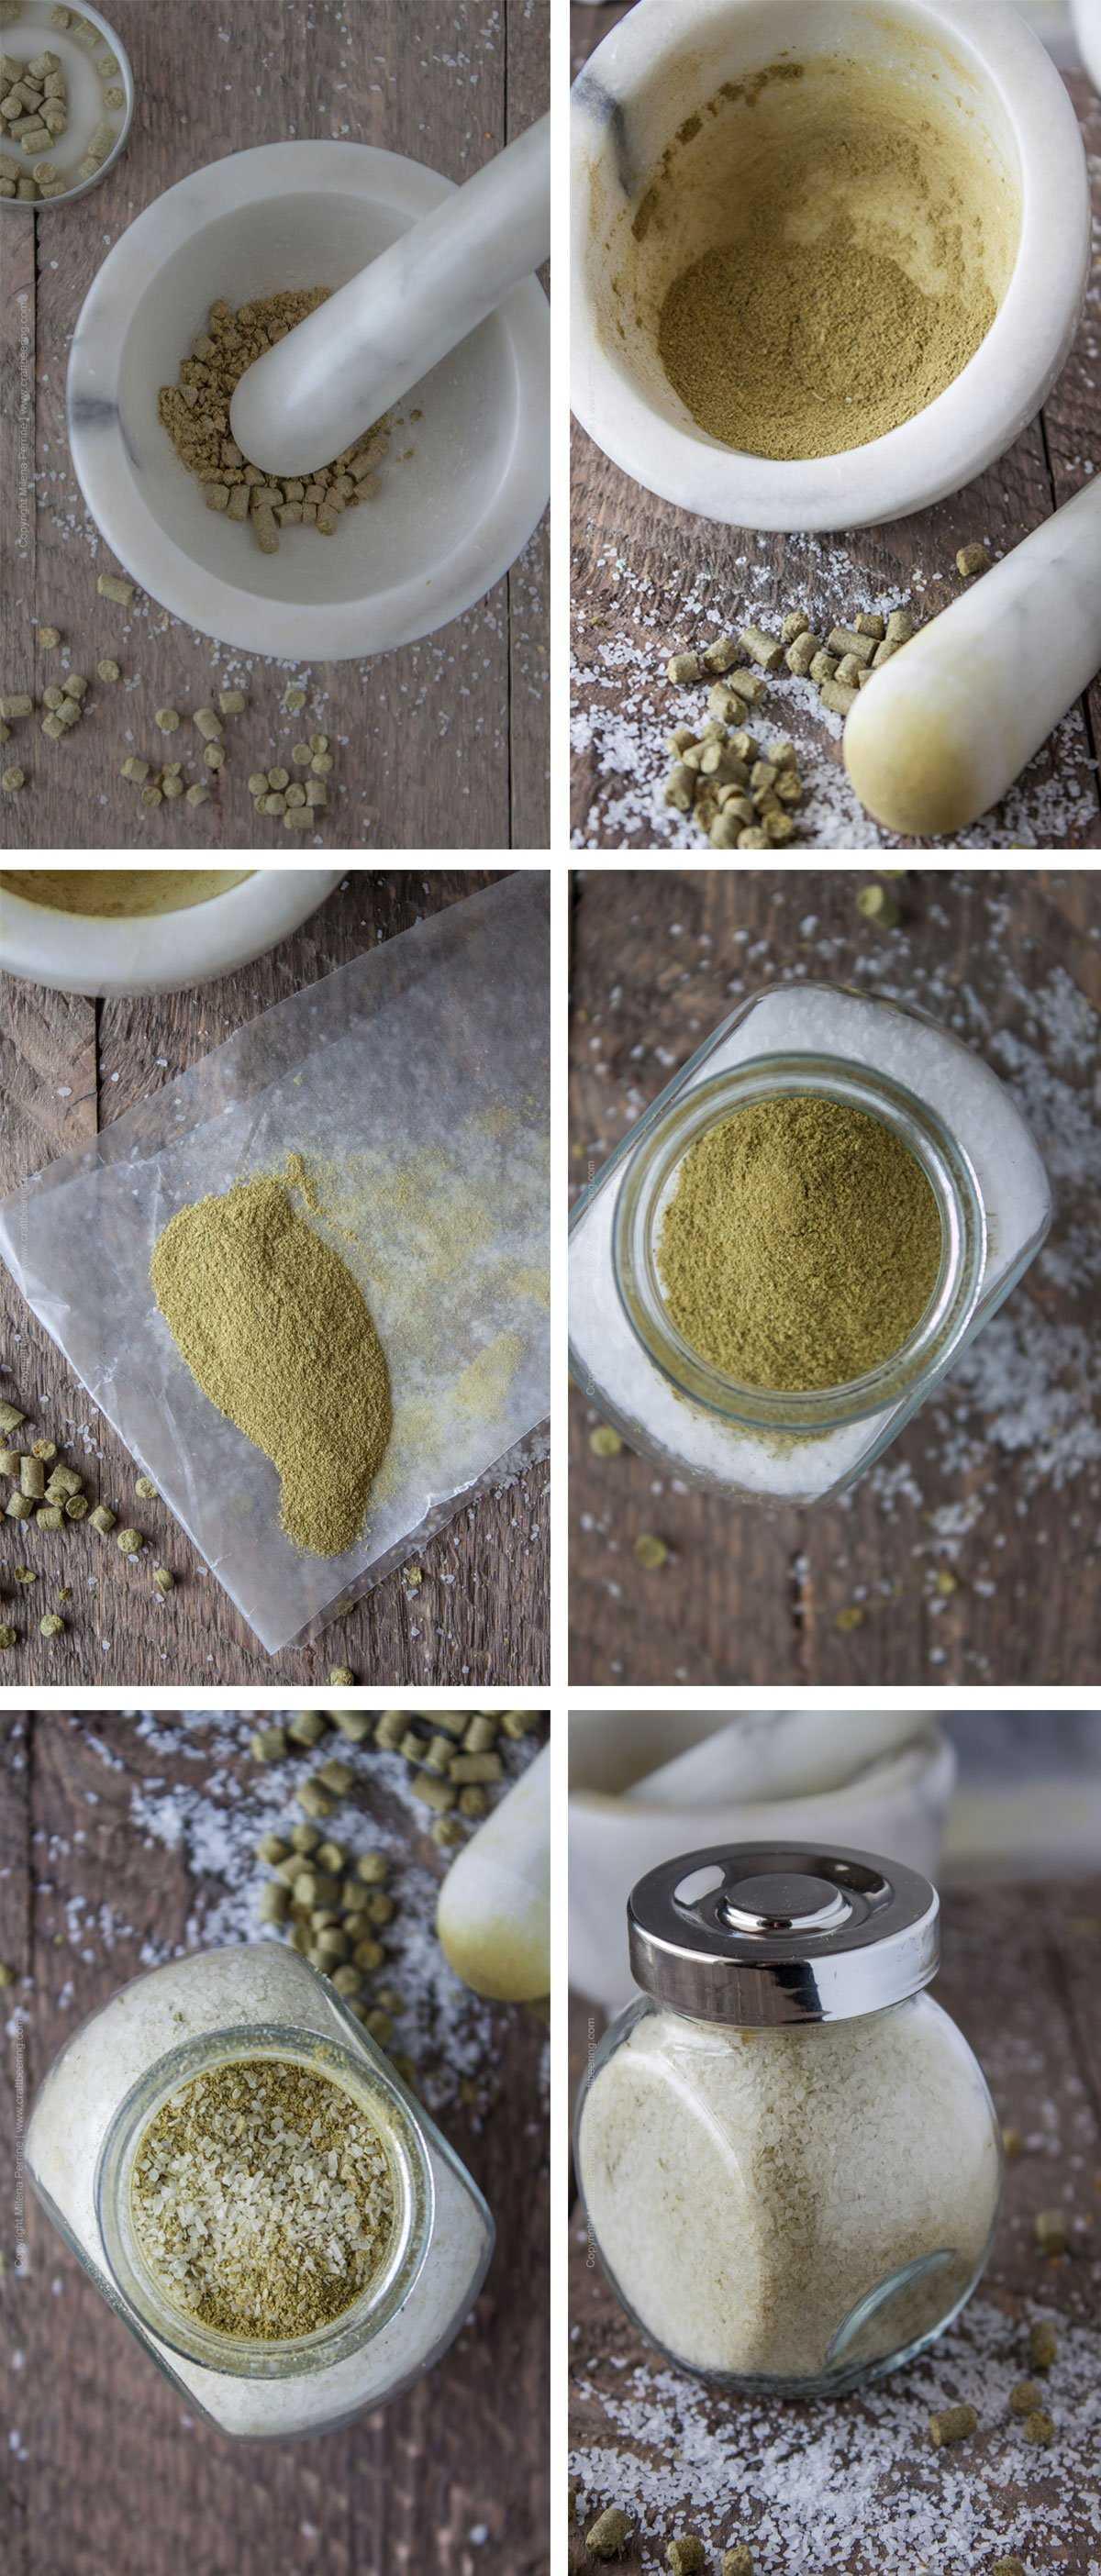 Hop Salt - Steps to Making Your Own Using Hop Pellets